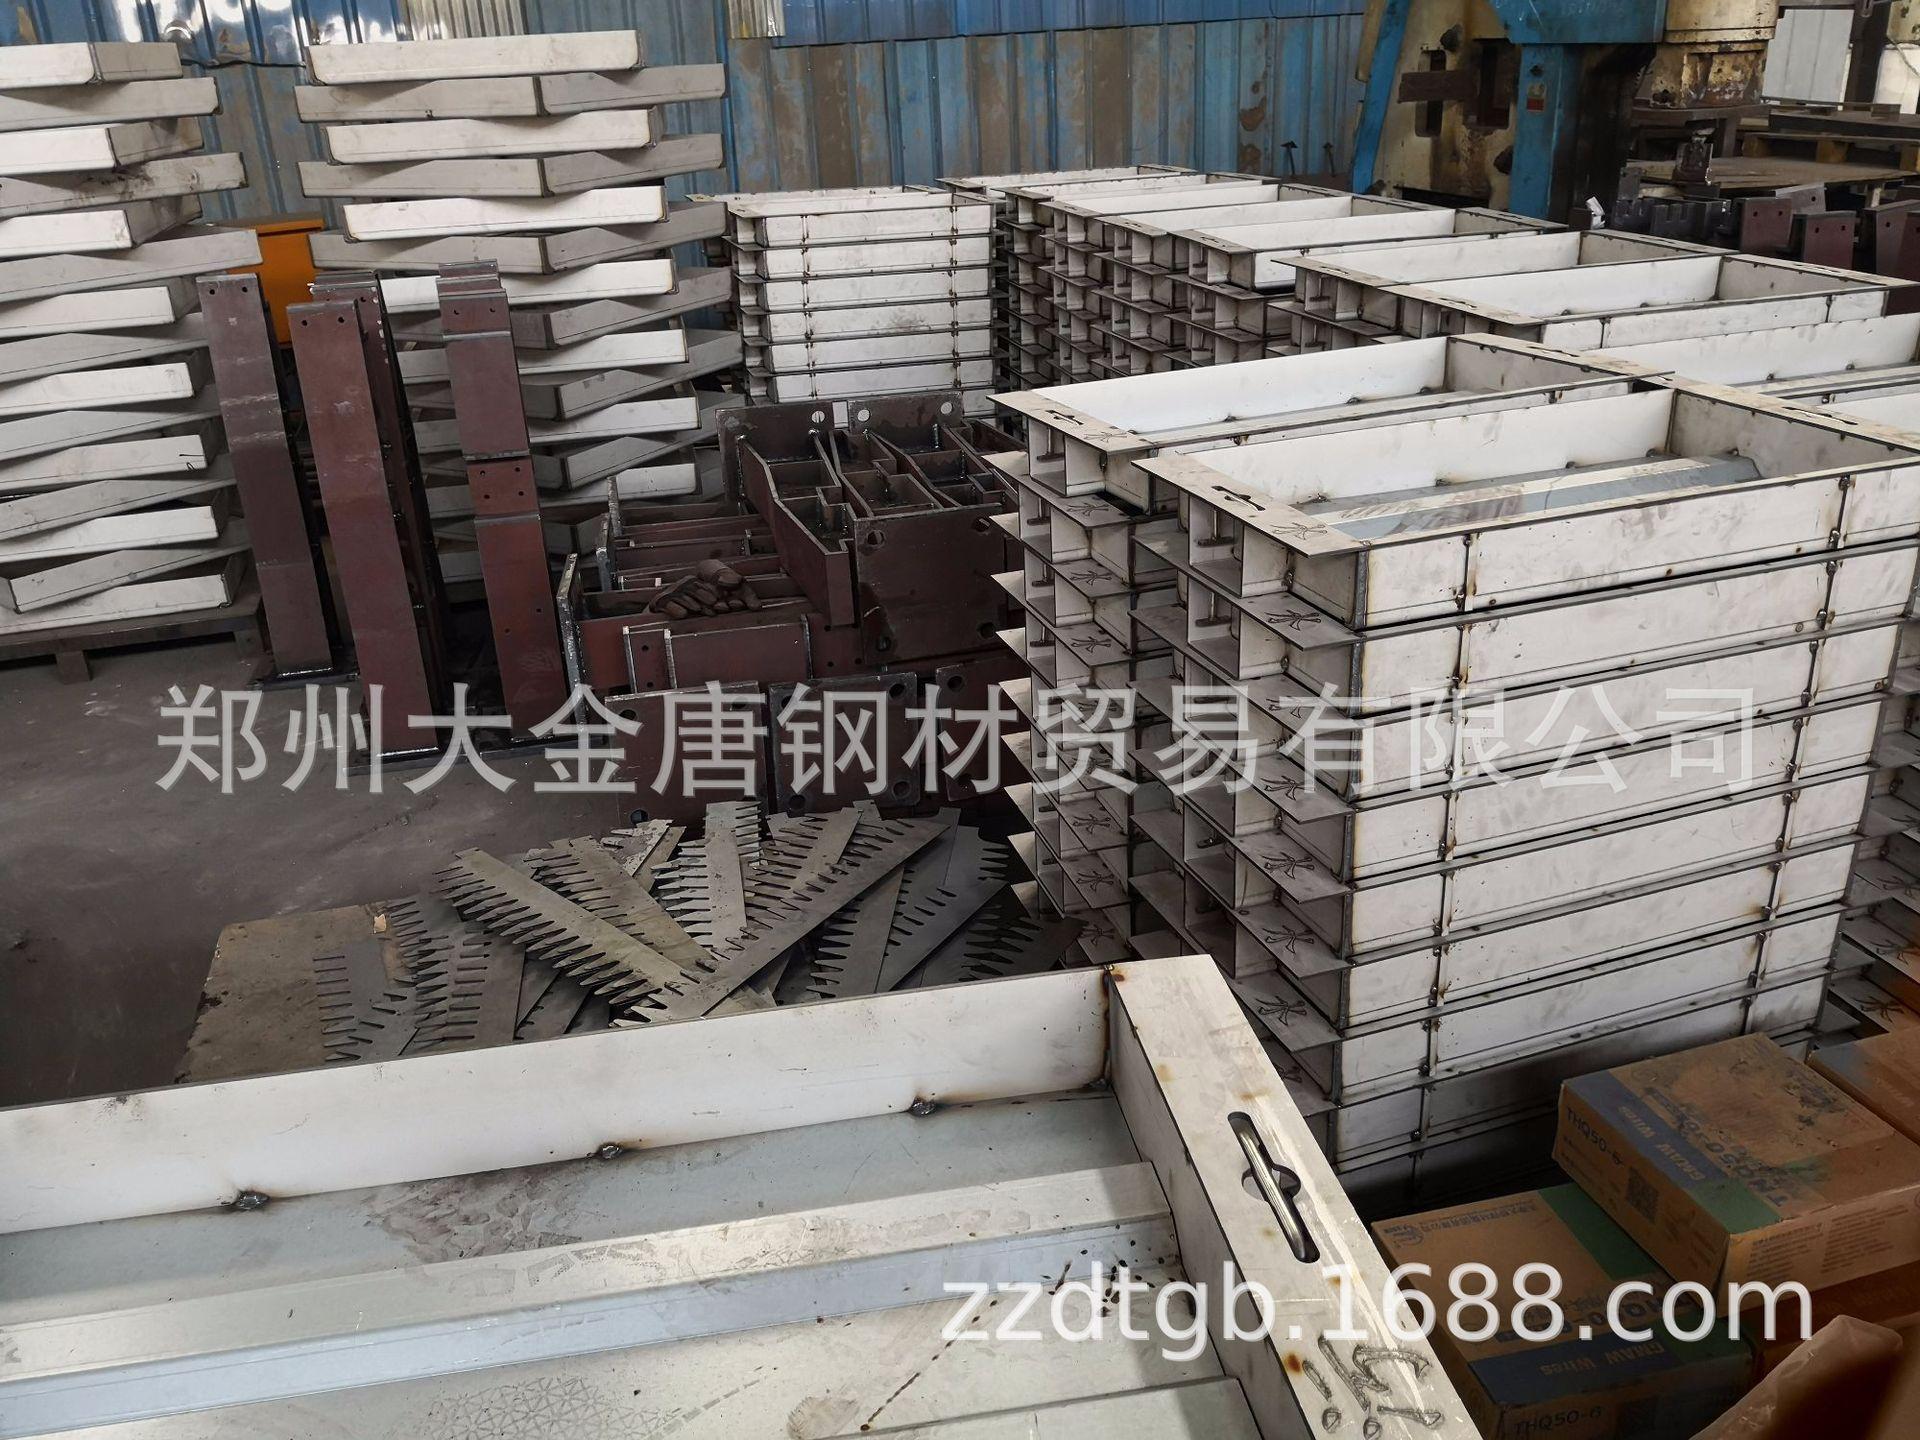 郑州不锈钢专业焊接加工